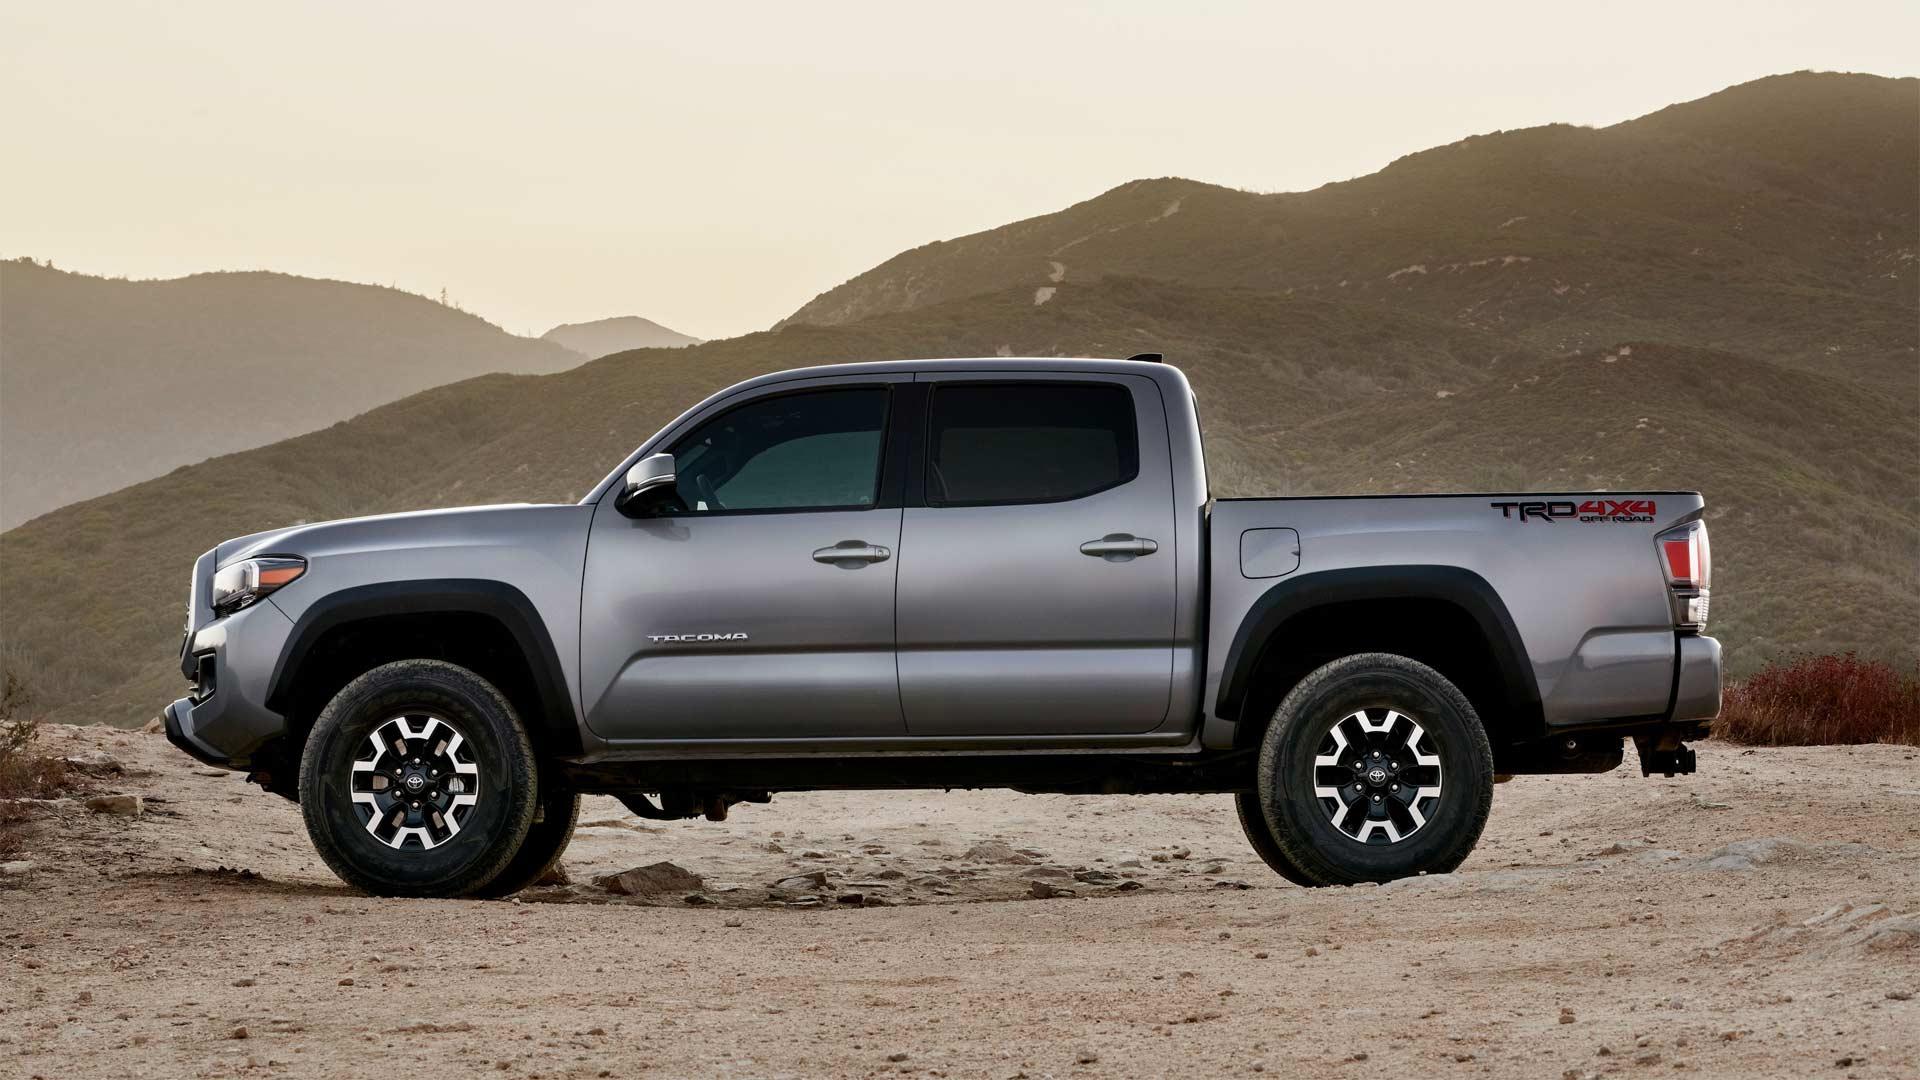 2020-Toyota-Tacoma-TRD-Off-Road_3